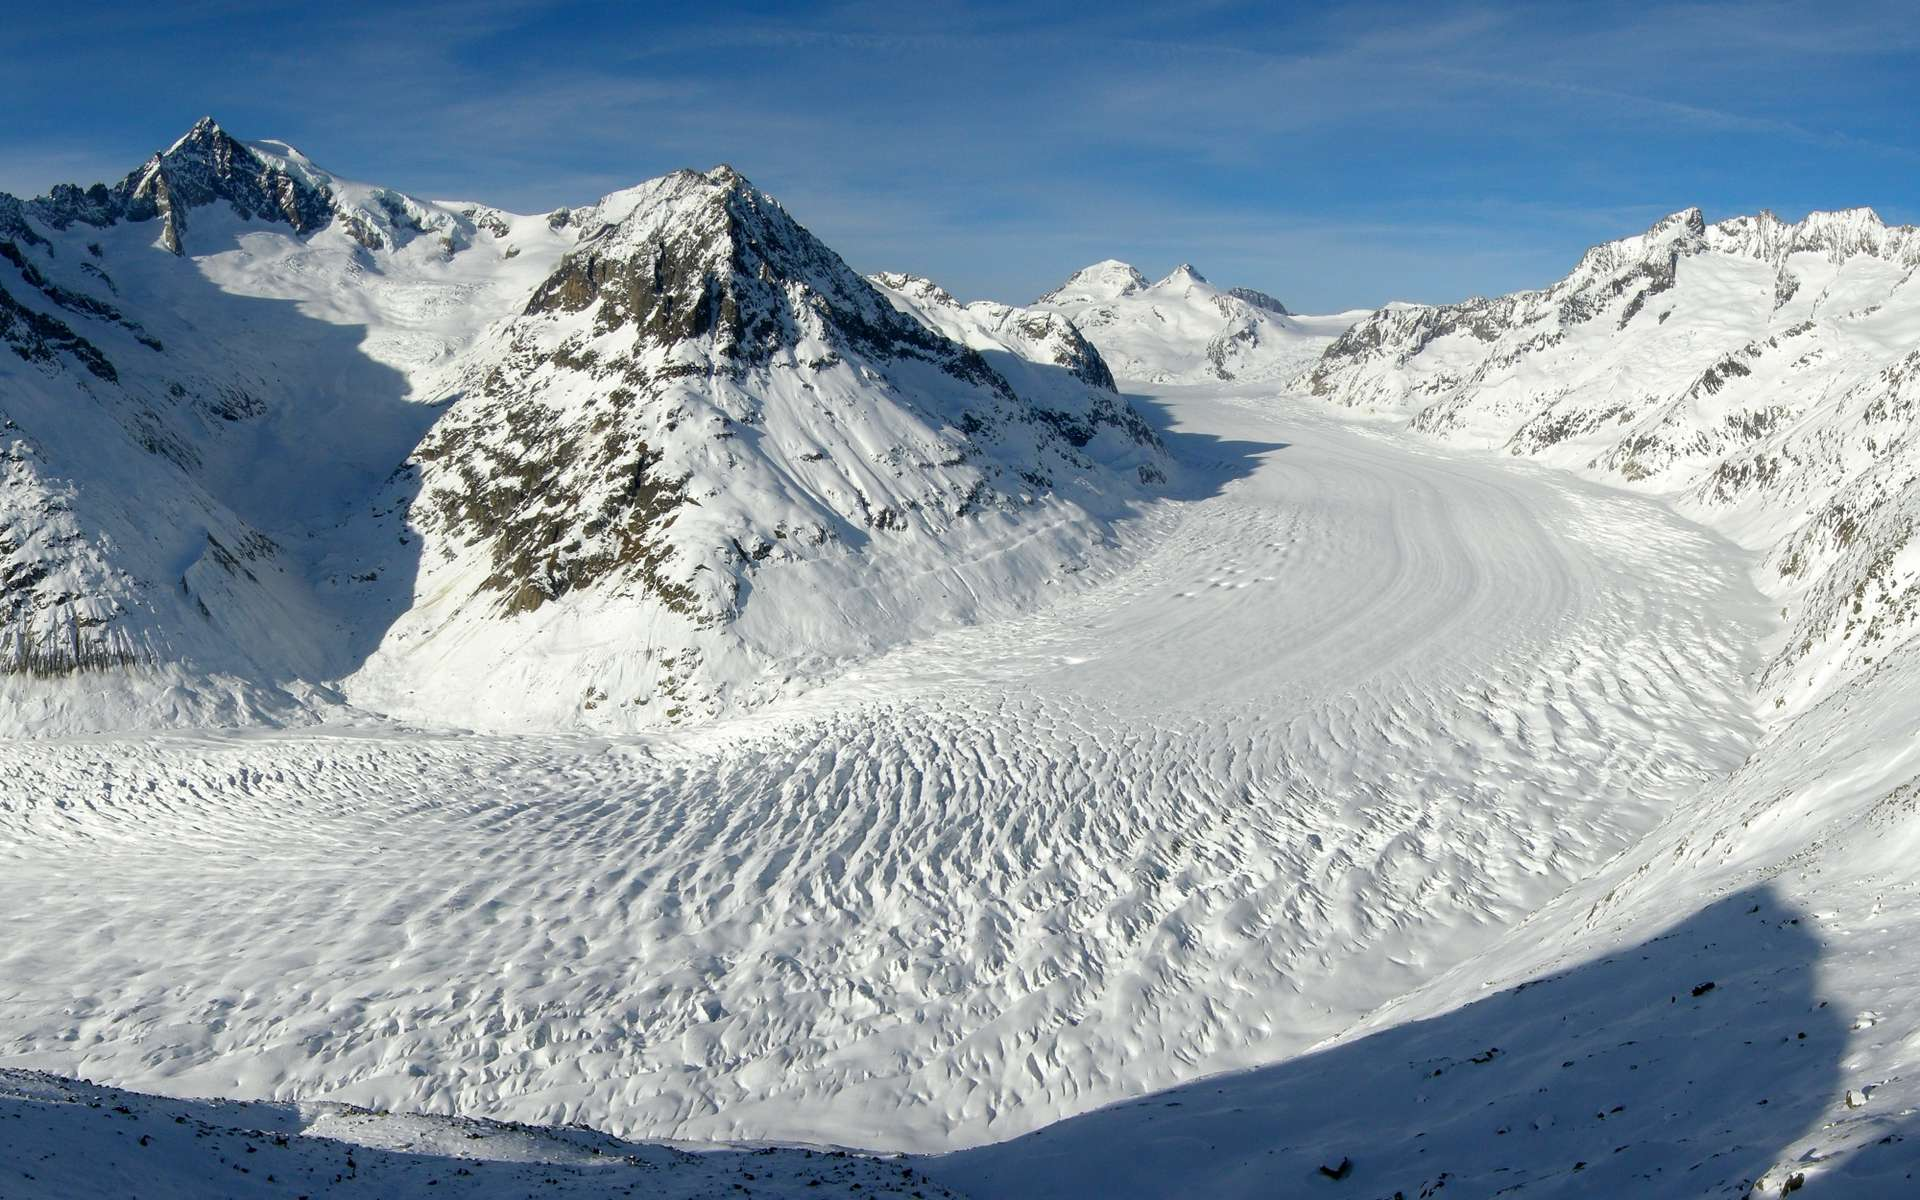 Dans les Alpes, le grand glacier d'Aletsch vu de l'Eggishorn, dans le Valais en Suisse. © Tobias Alt, Tobi 87, Wikimedia Commons, CC by-sa 4.0